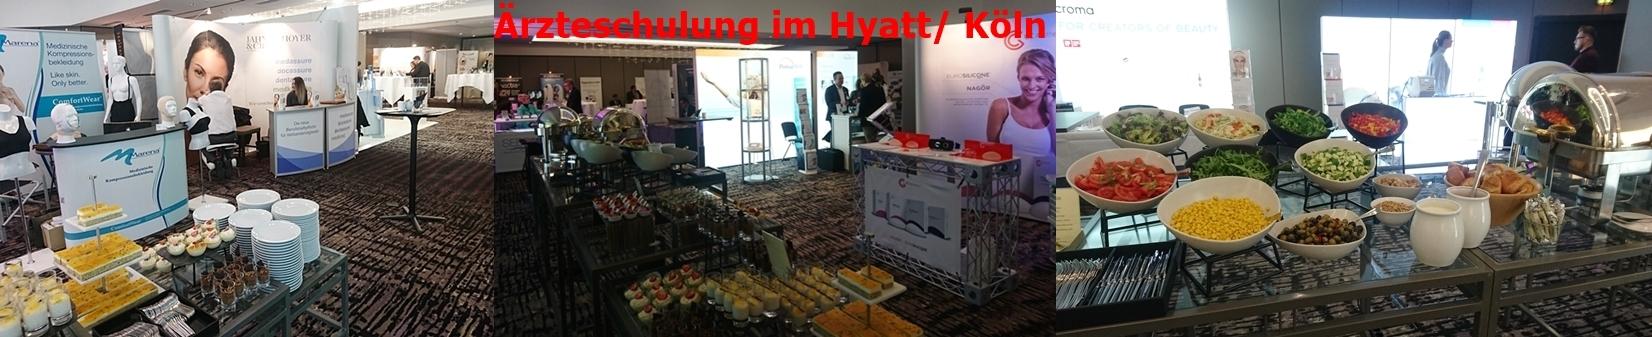 schulung_hyatt_köln